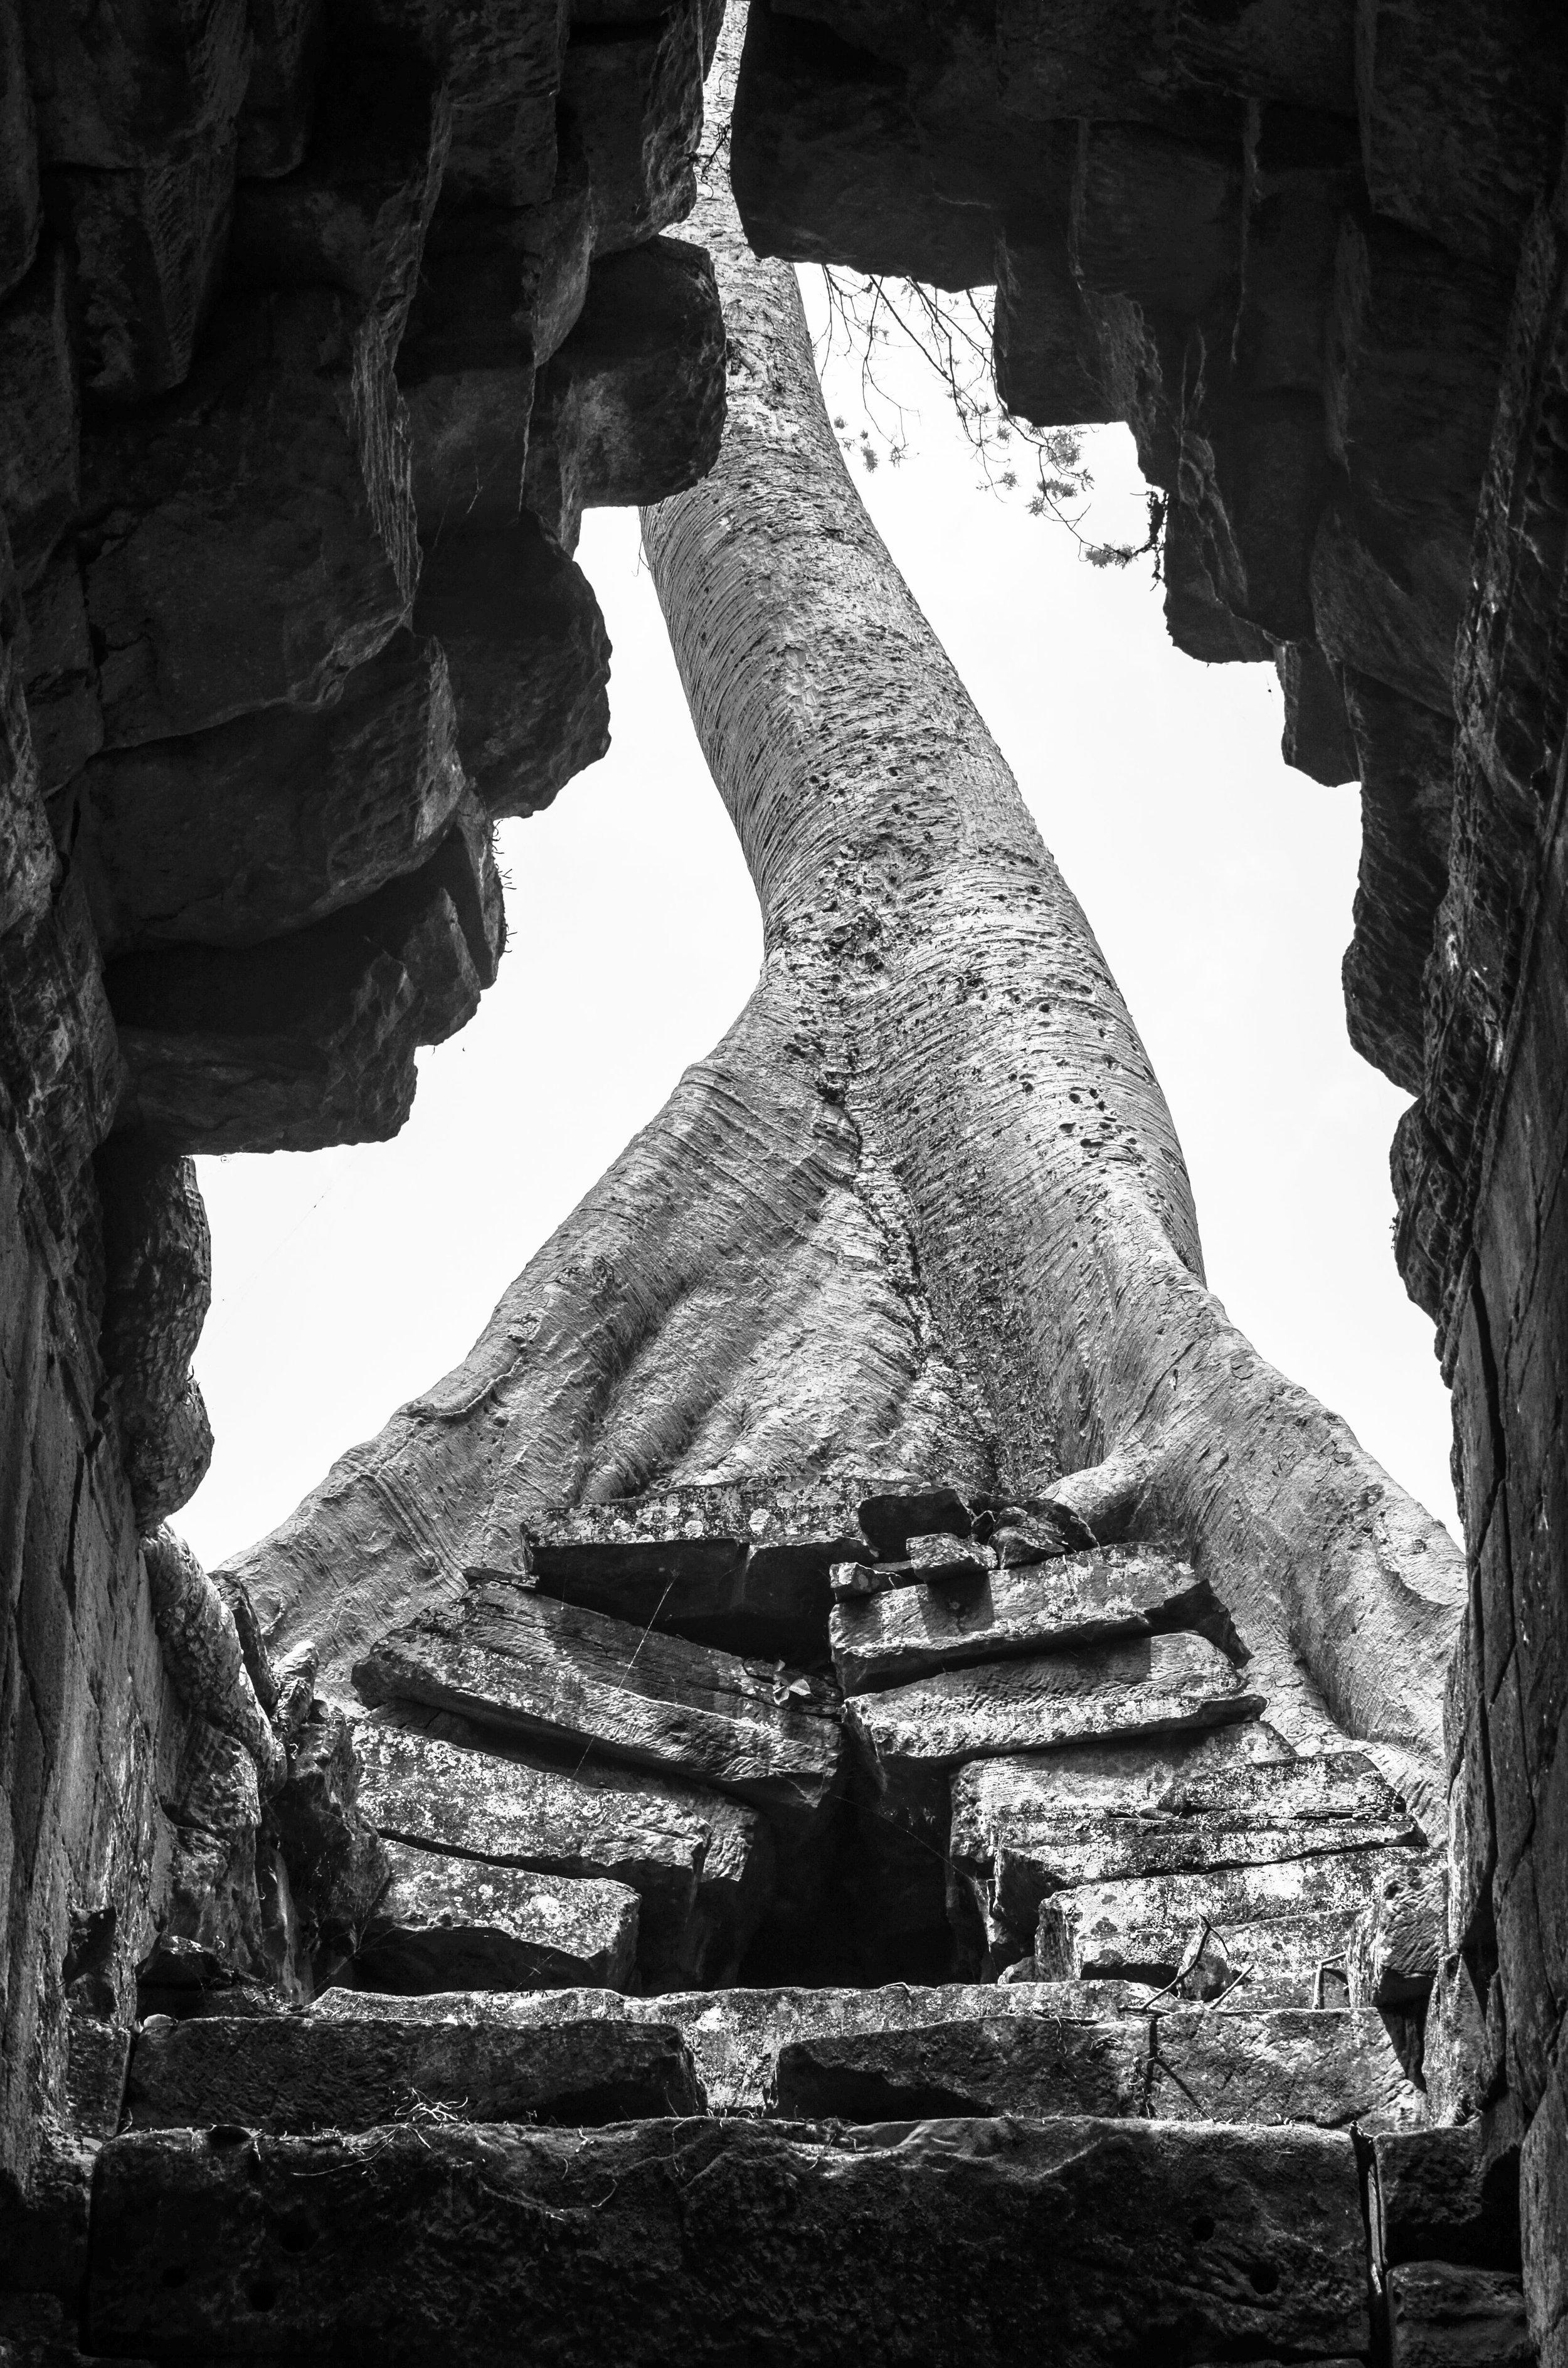 Banyan tree, Angkor Temples, Cambodia